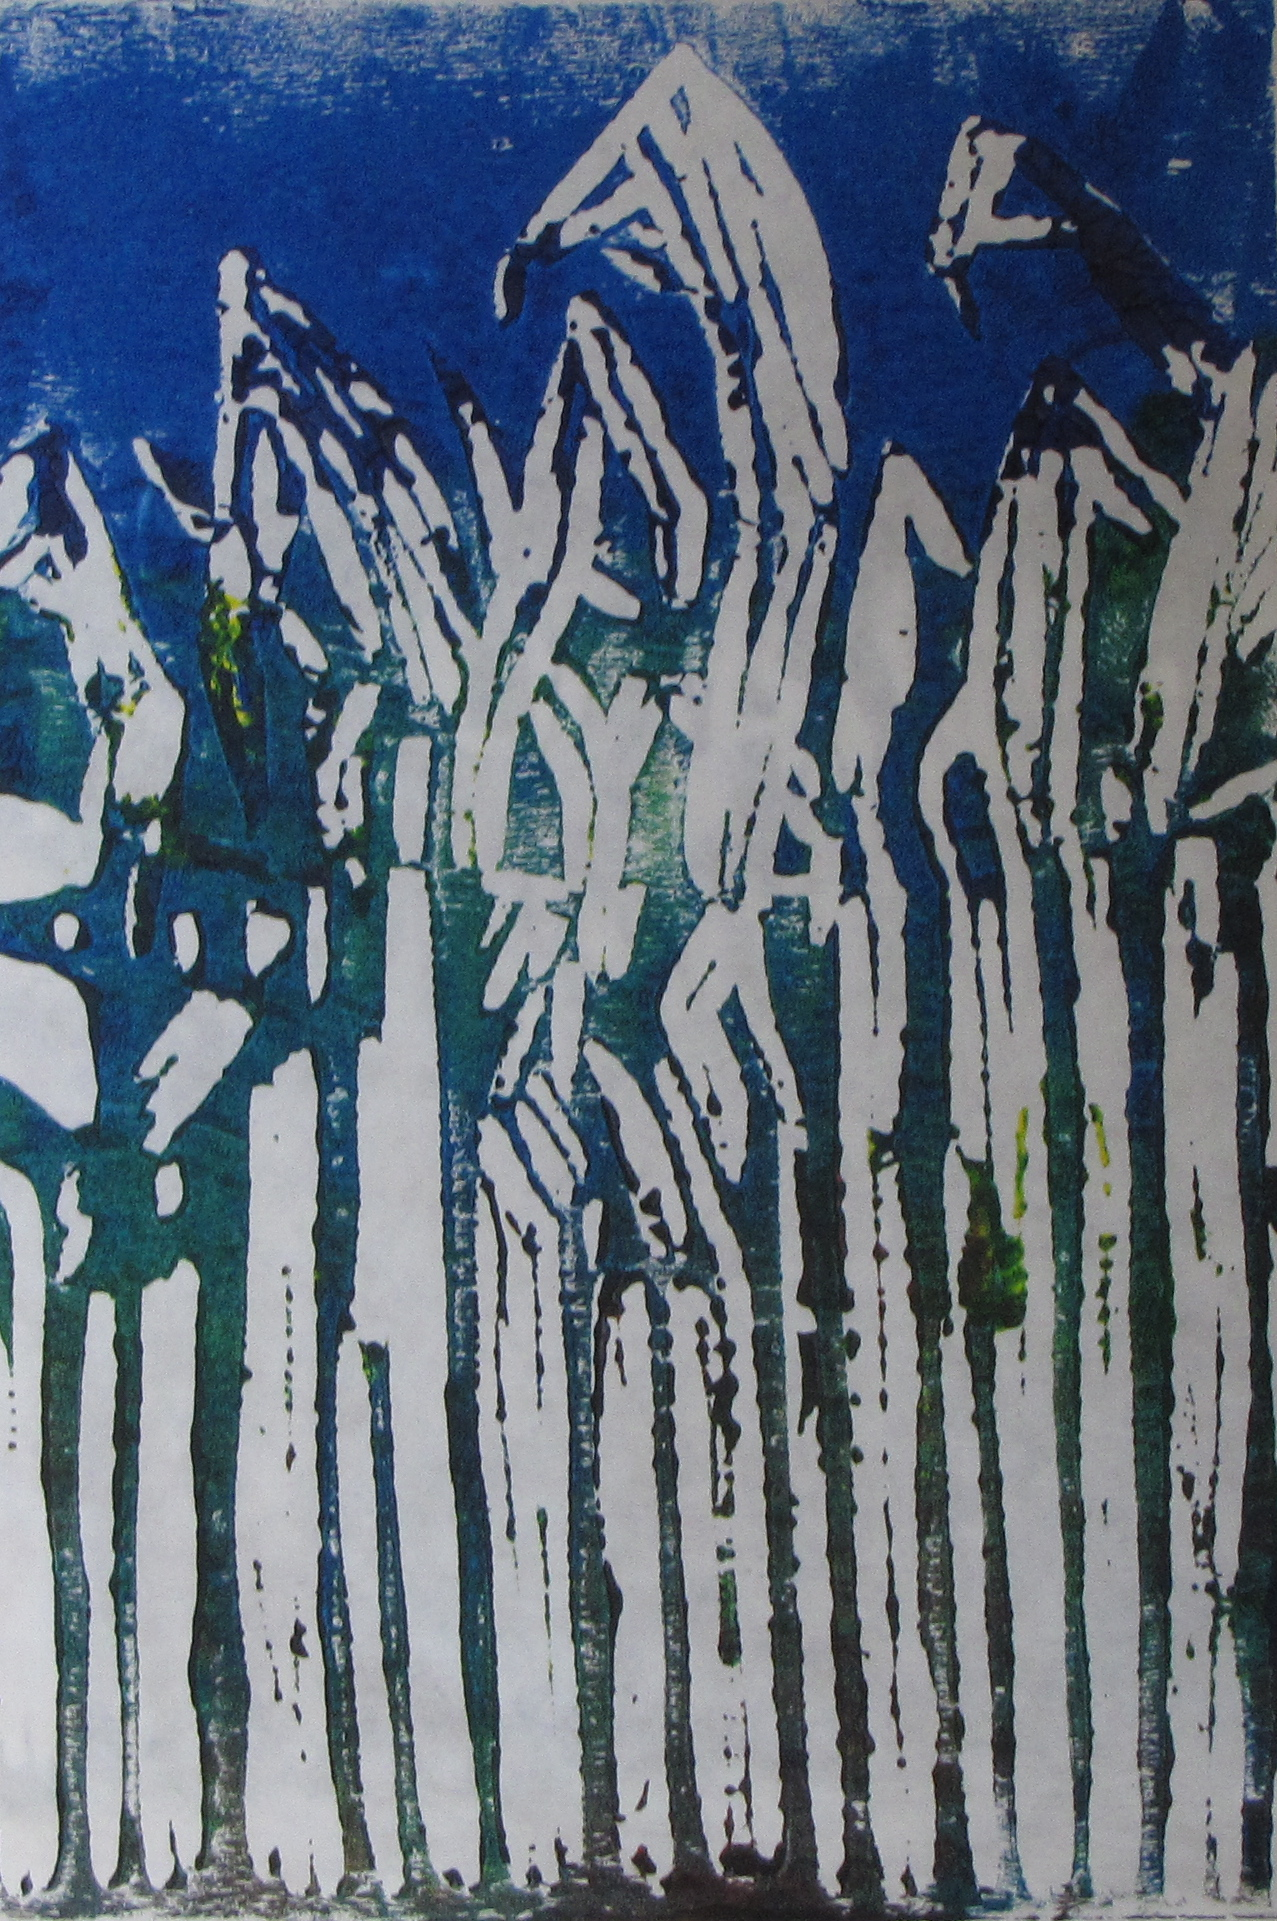 Twilight Corn, artist's proof, Russell Steven Powell linoprint, 6x9